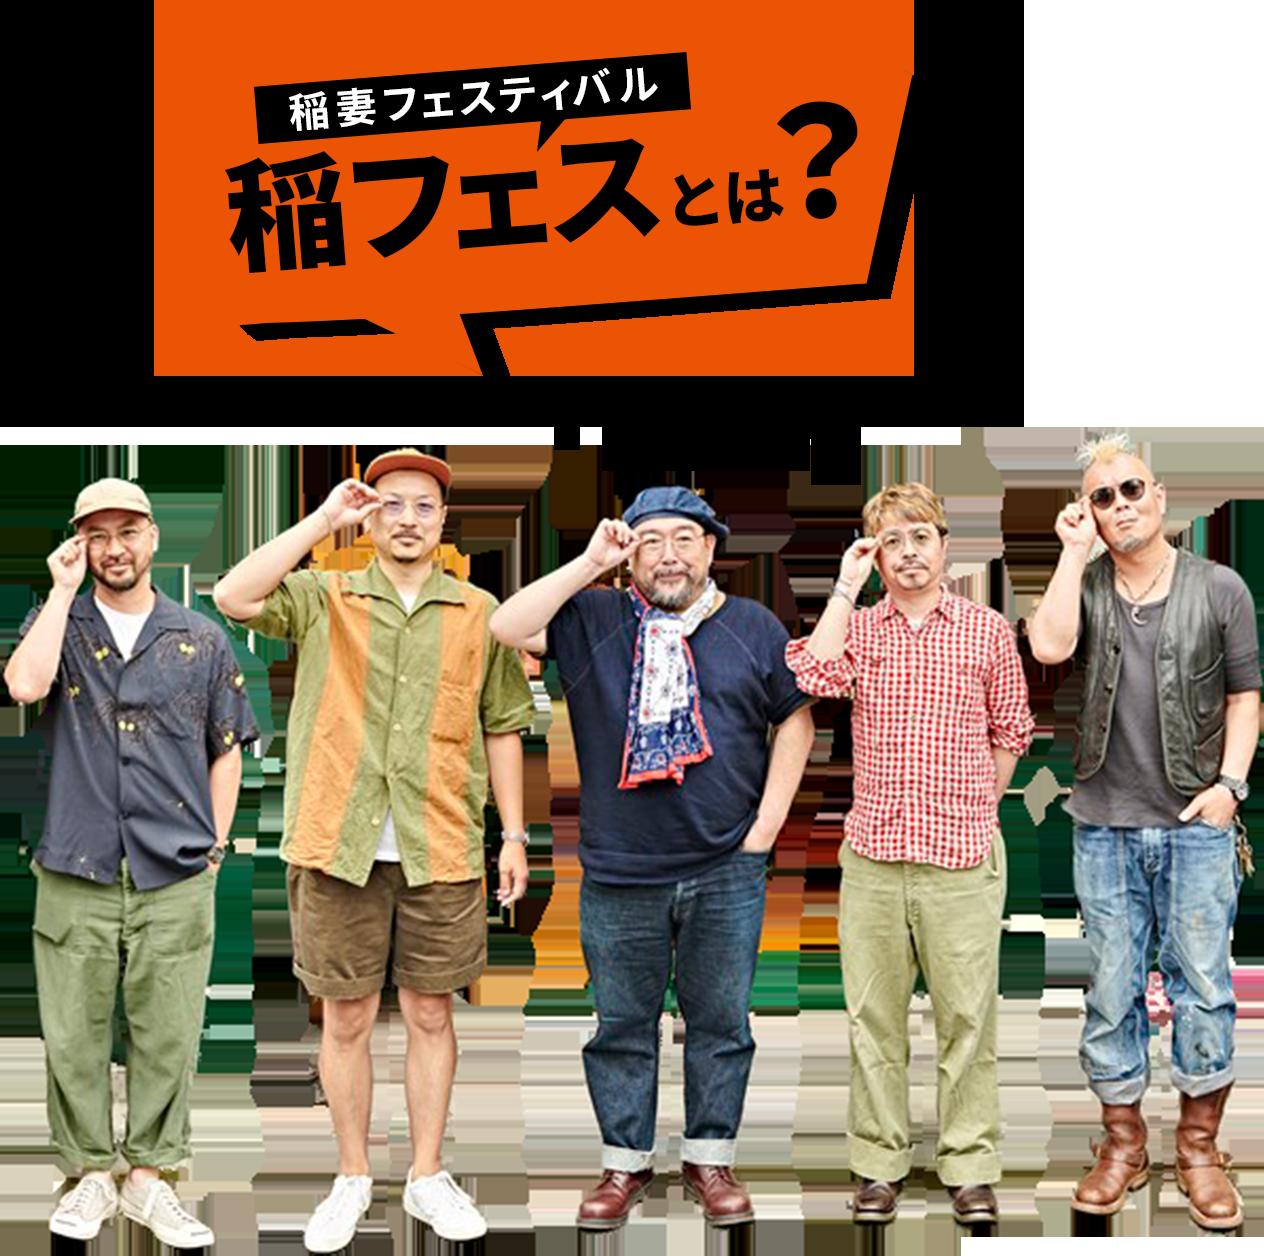 稲フェスとは?(稲妻フェスティバルとは?)